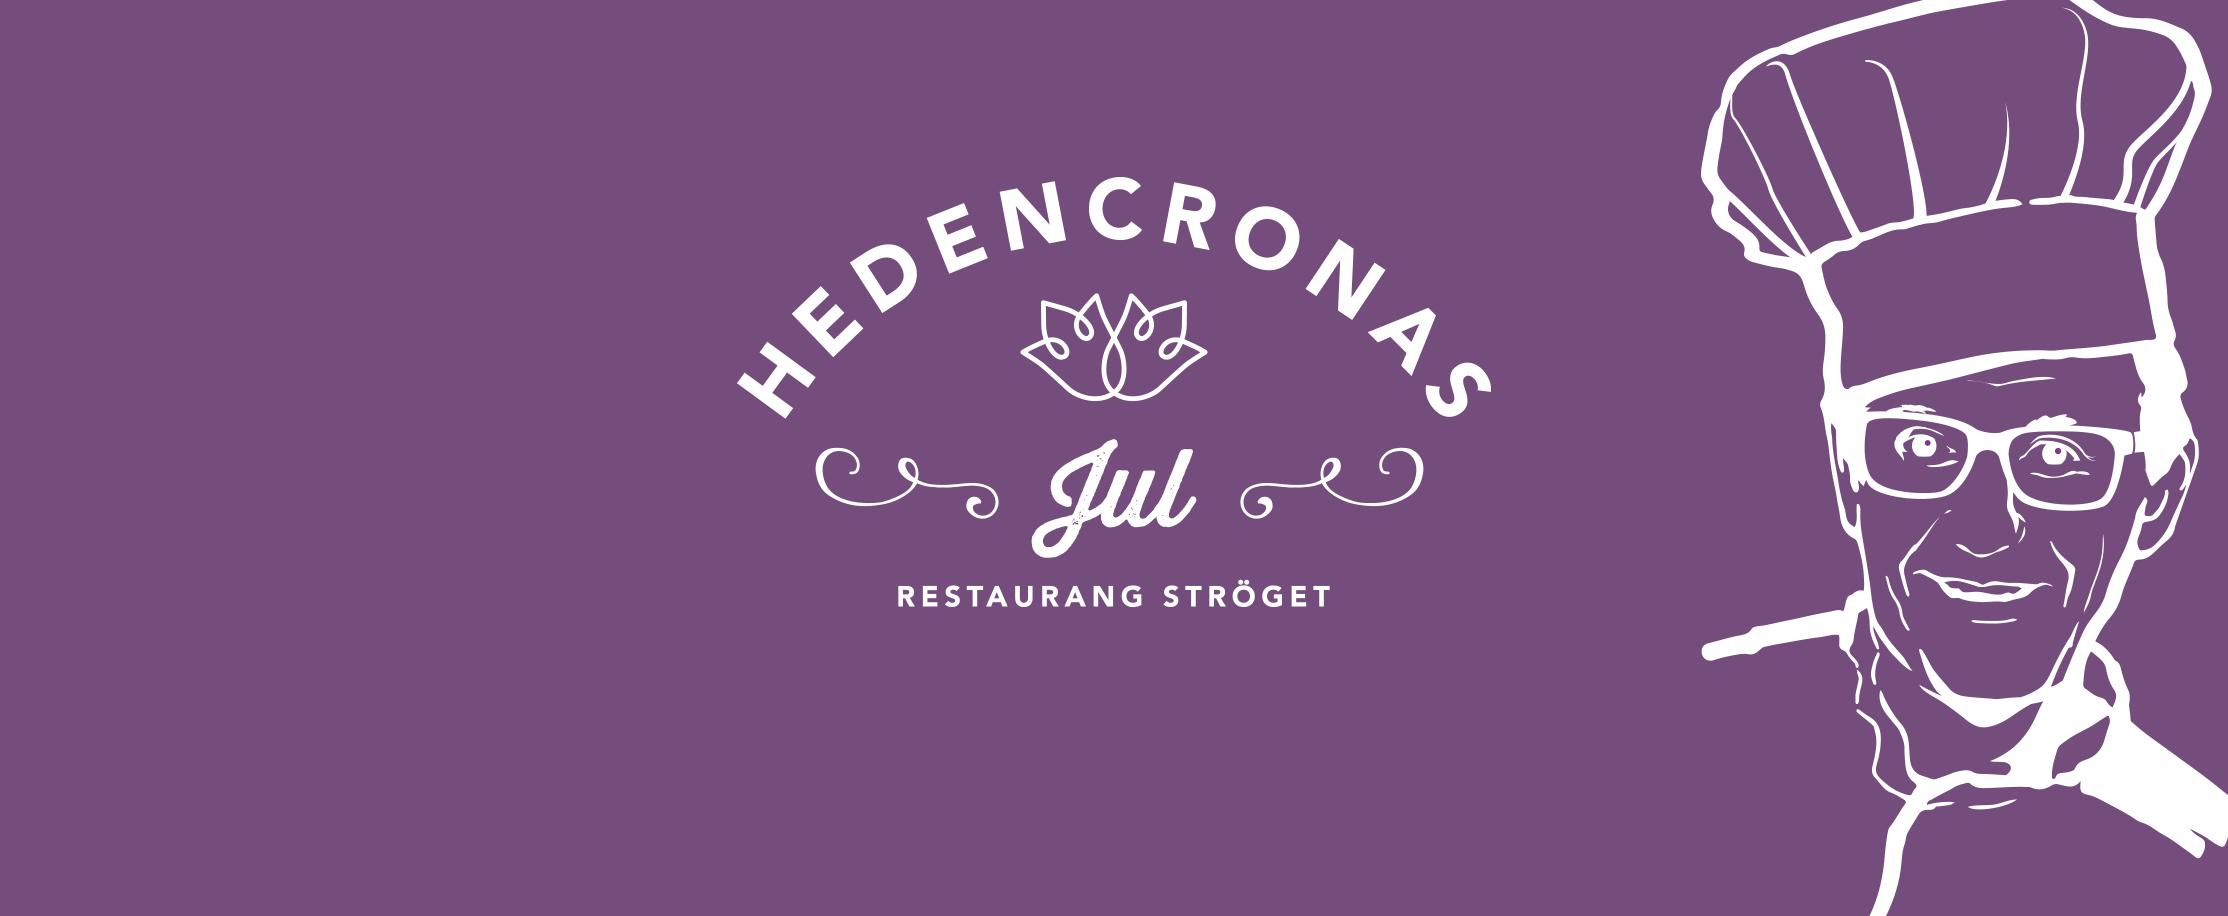 Hedencrona_banner_sida-dark